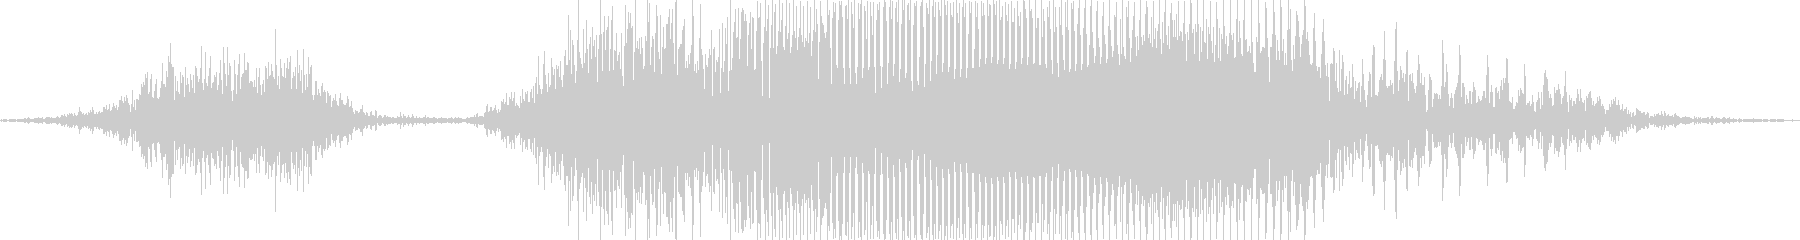 スチール!の未再生の波形